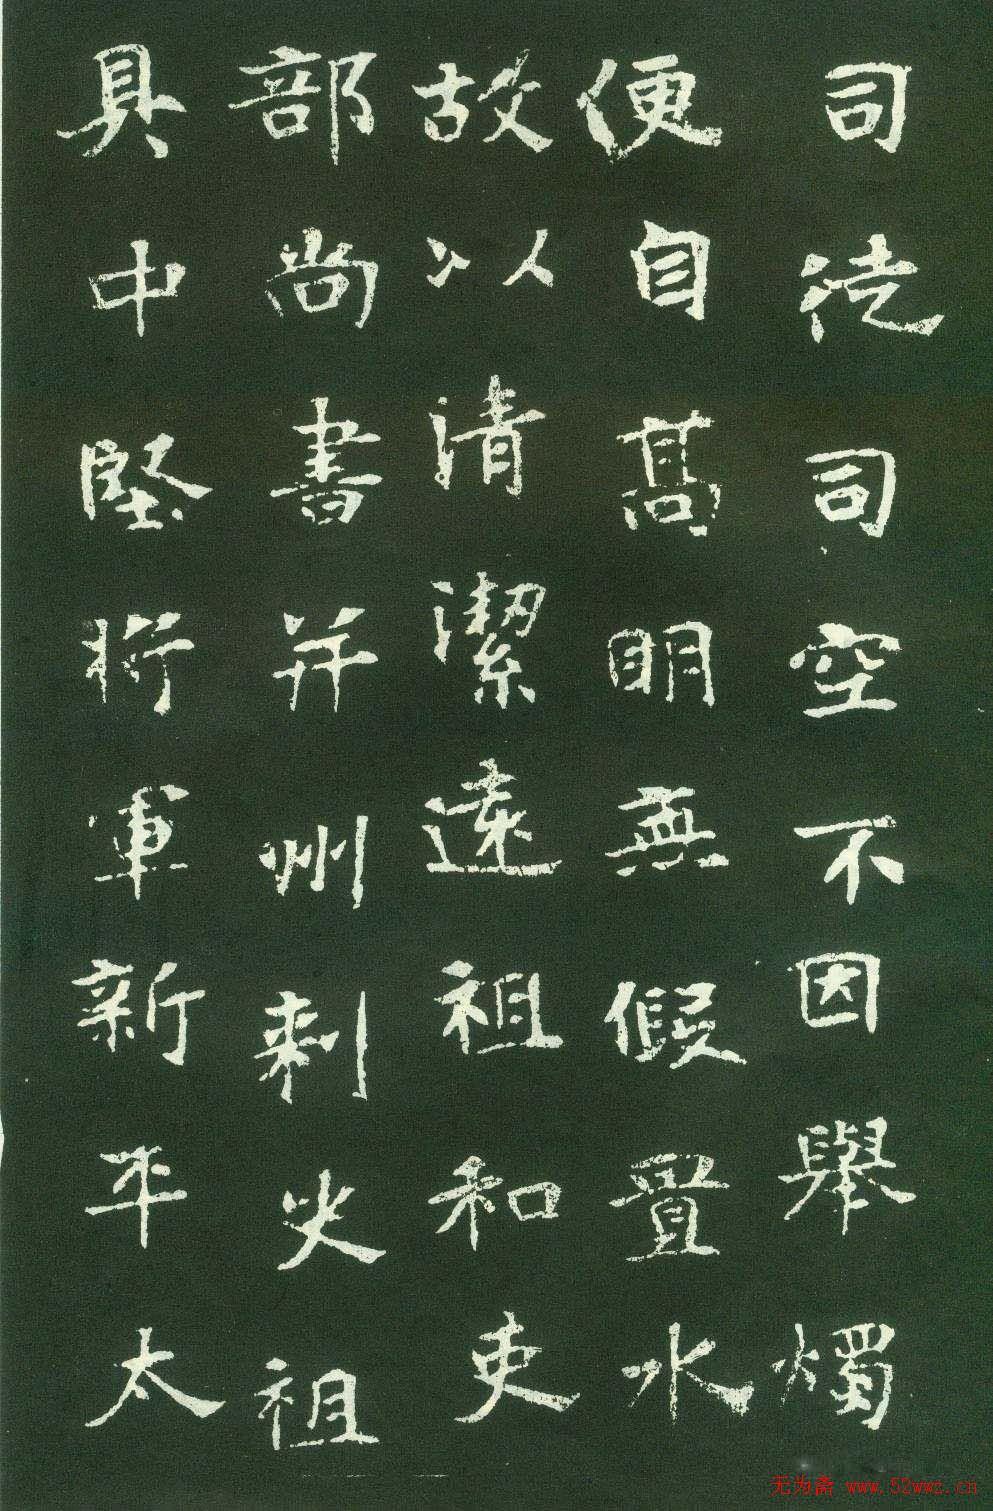 北魏名碑《张黑女墓志》